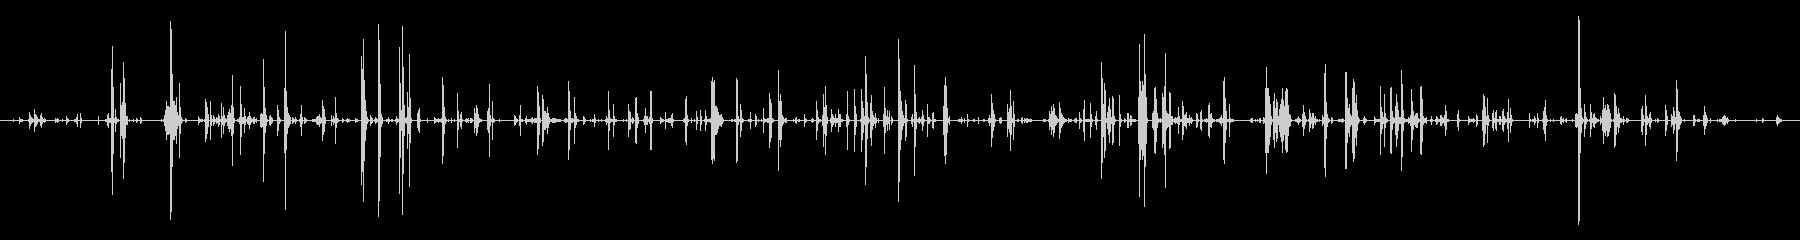 メタル チェーンビッグハンドリング01の未再生の波形